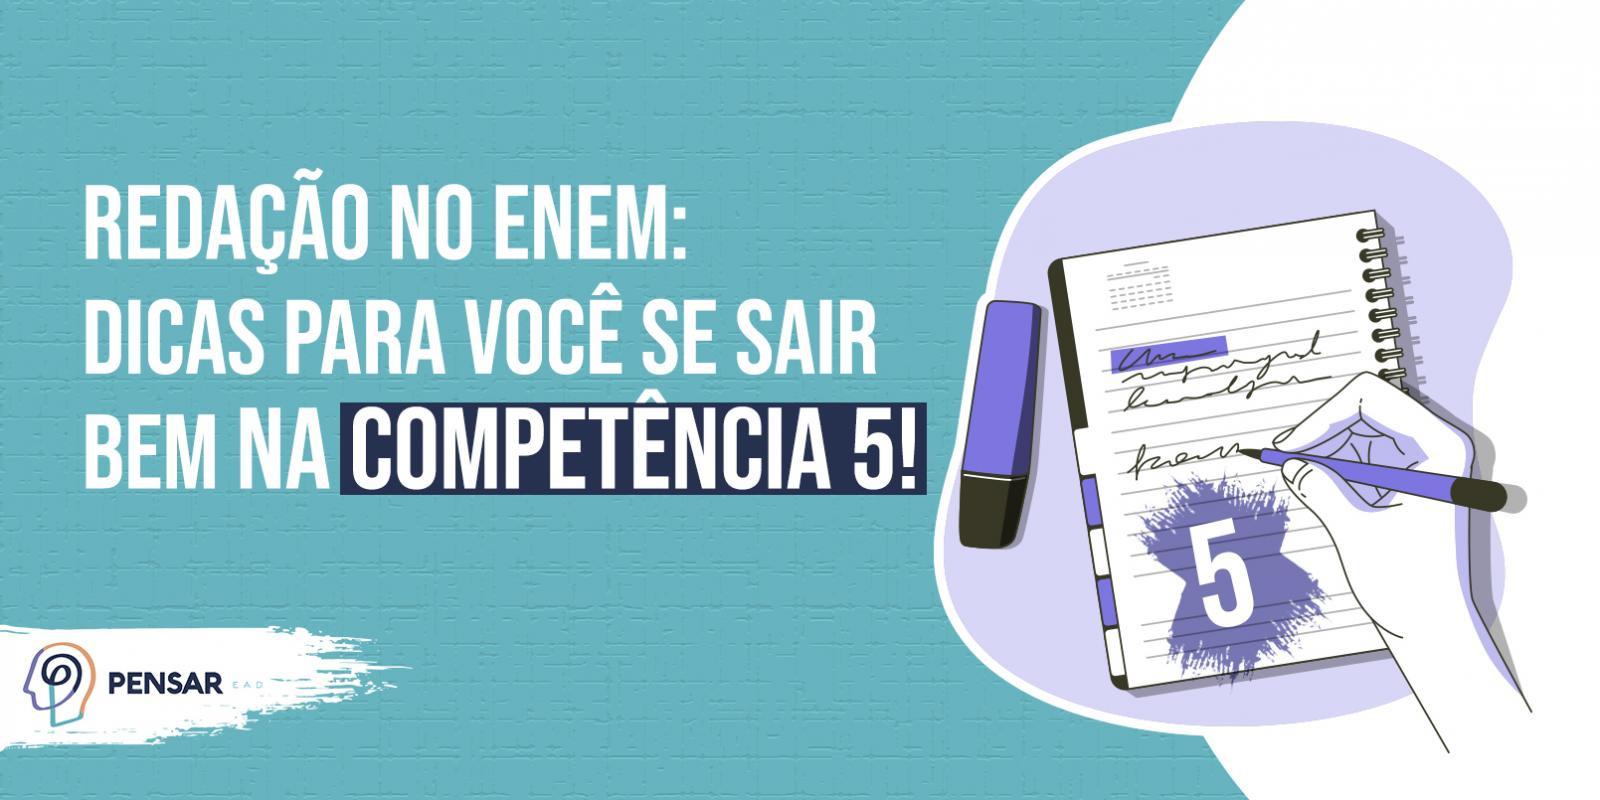 Redação no ENEM: dicas para você se sair bem na competência 5!